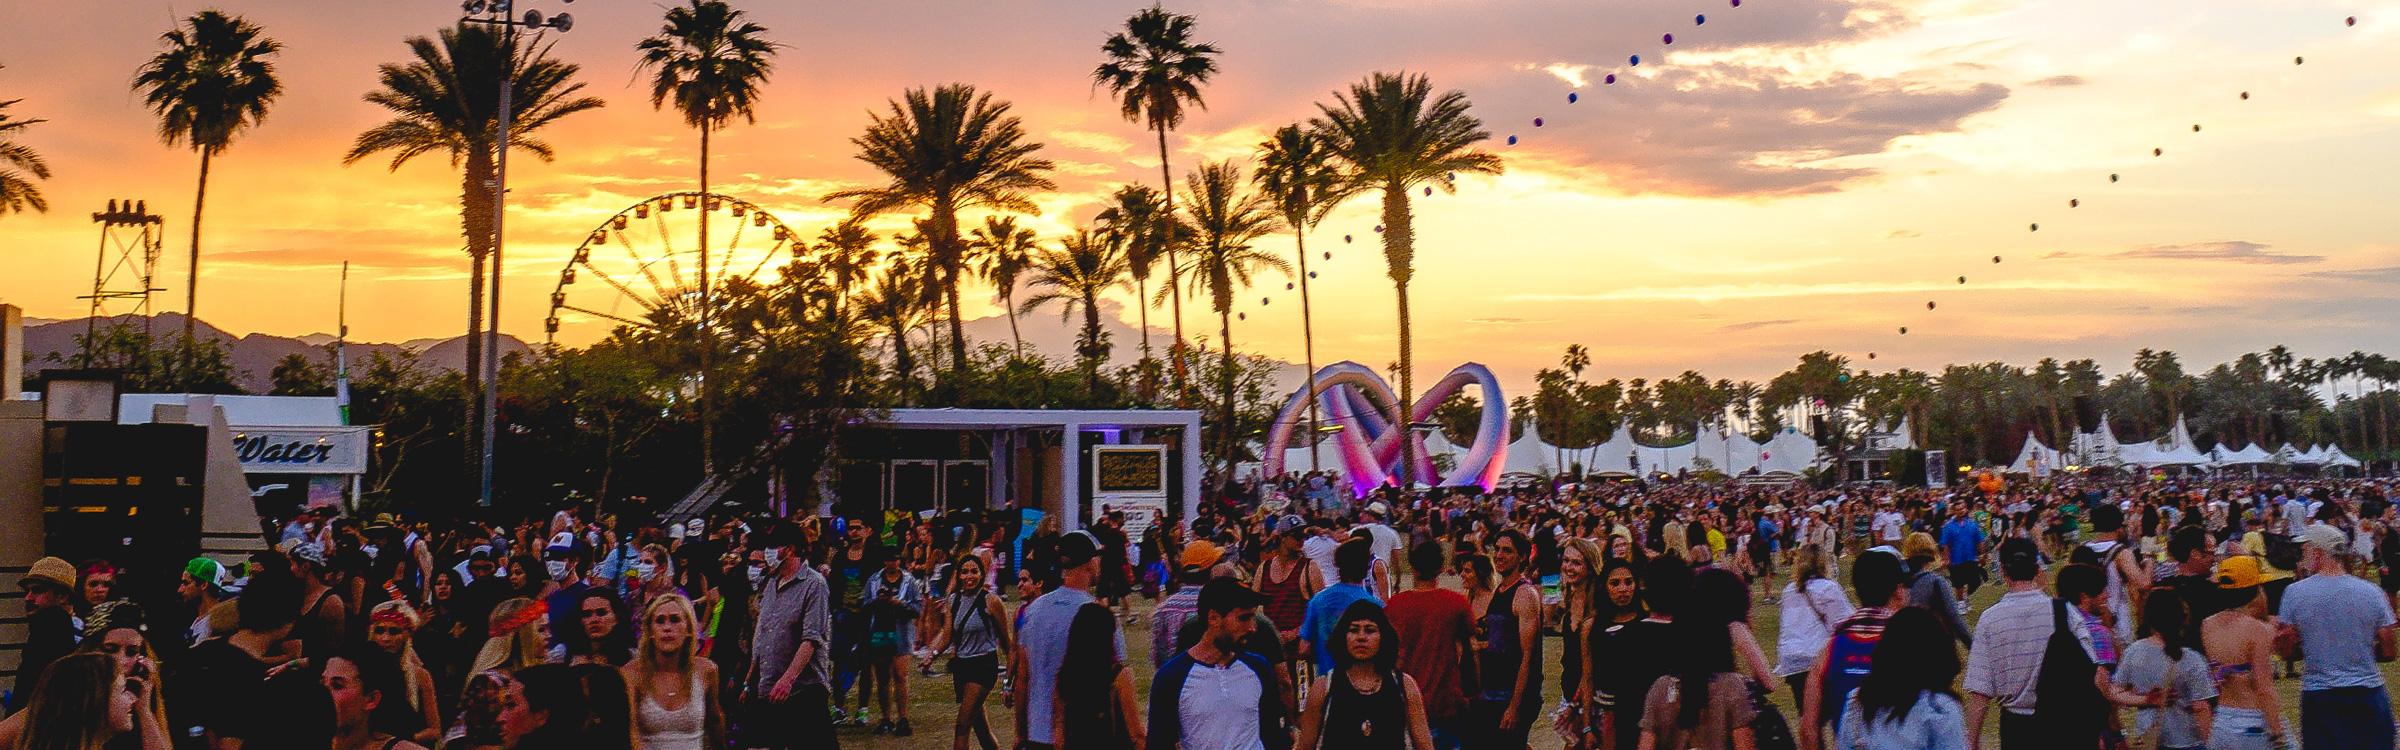 Coachella header